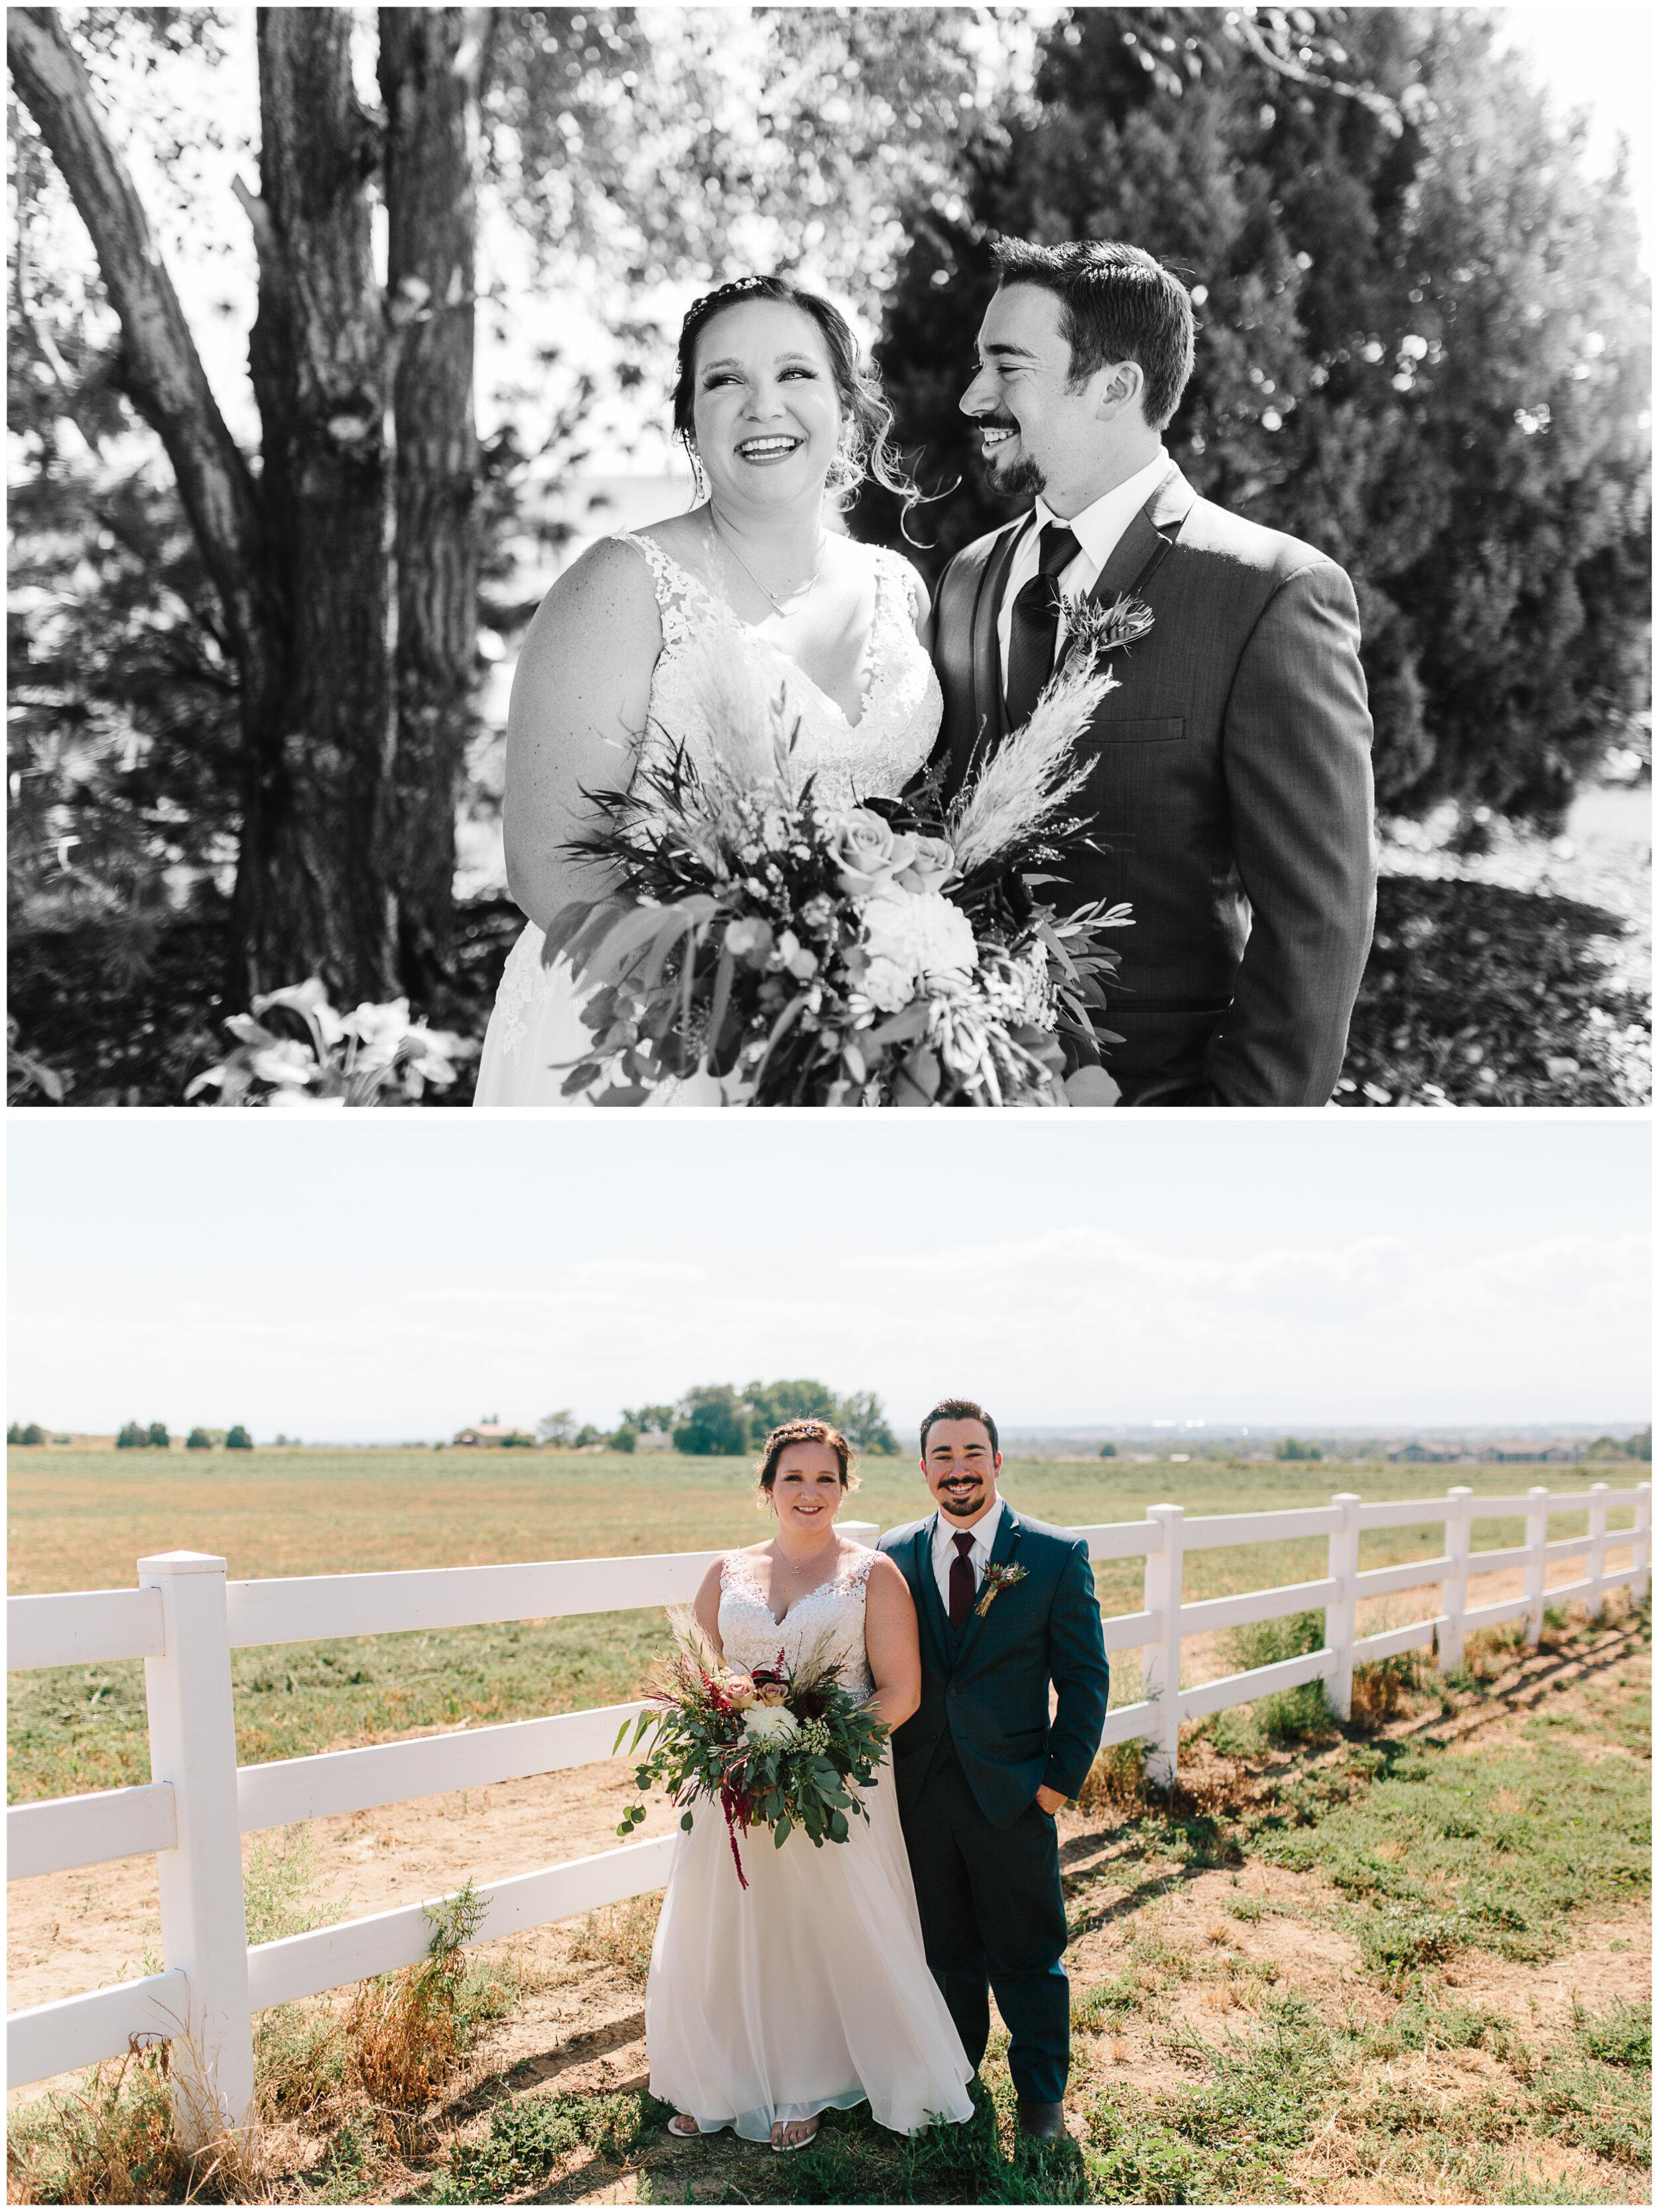 brighton_colorado_wedding_36.jpg